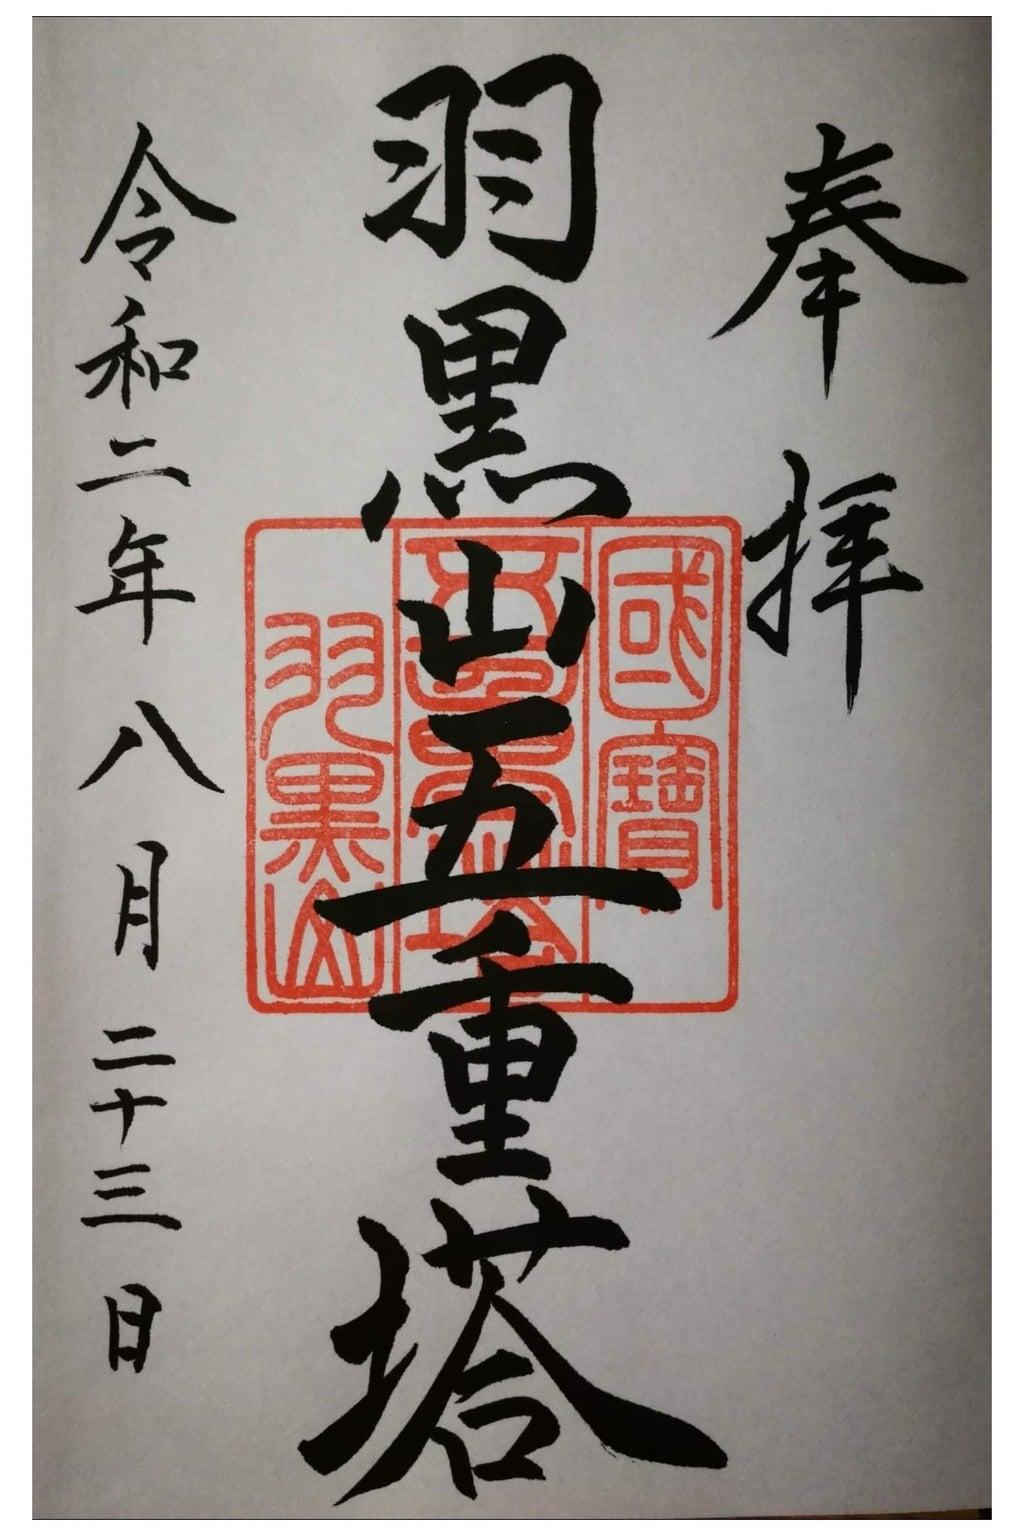 出羽神社(出羽三山神社)~三神合祭殿~の御朱印